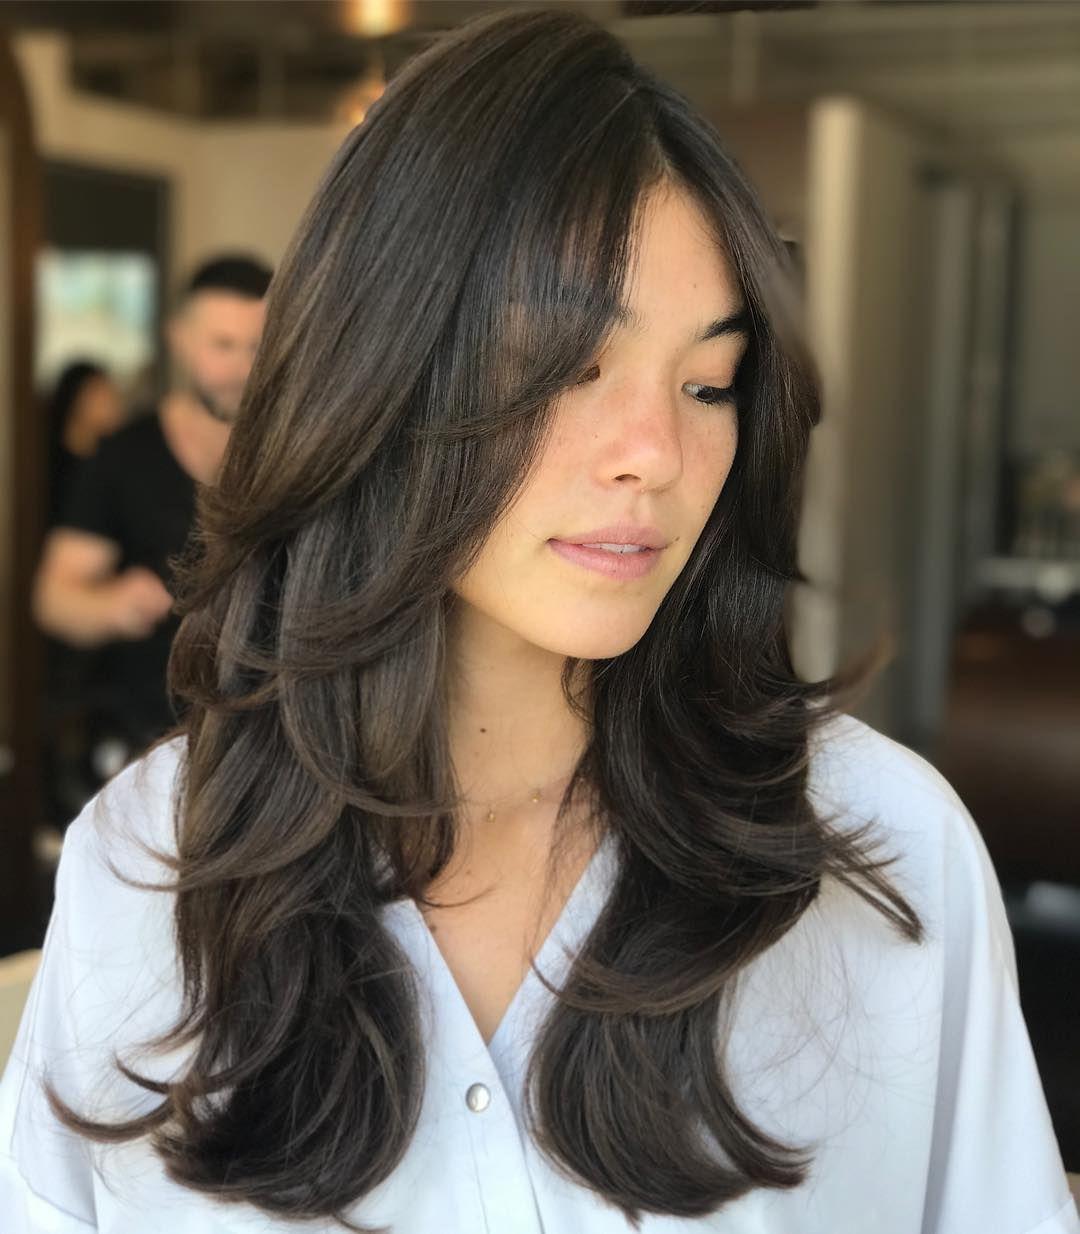 Coiffures et coupes de cheveux à la mode pour les cheveux longs en